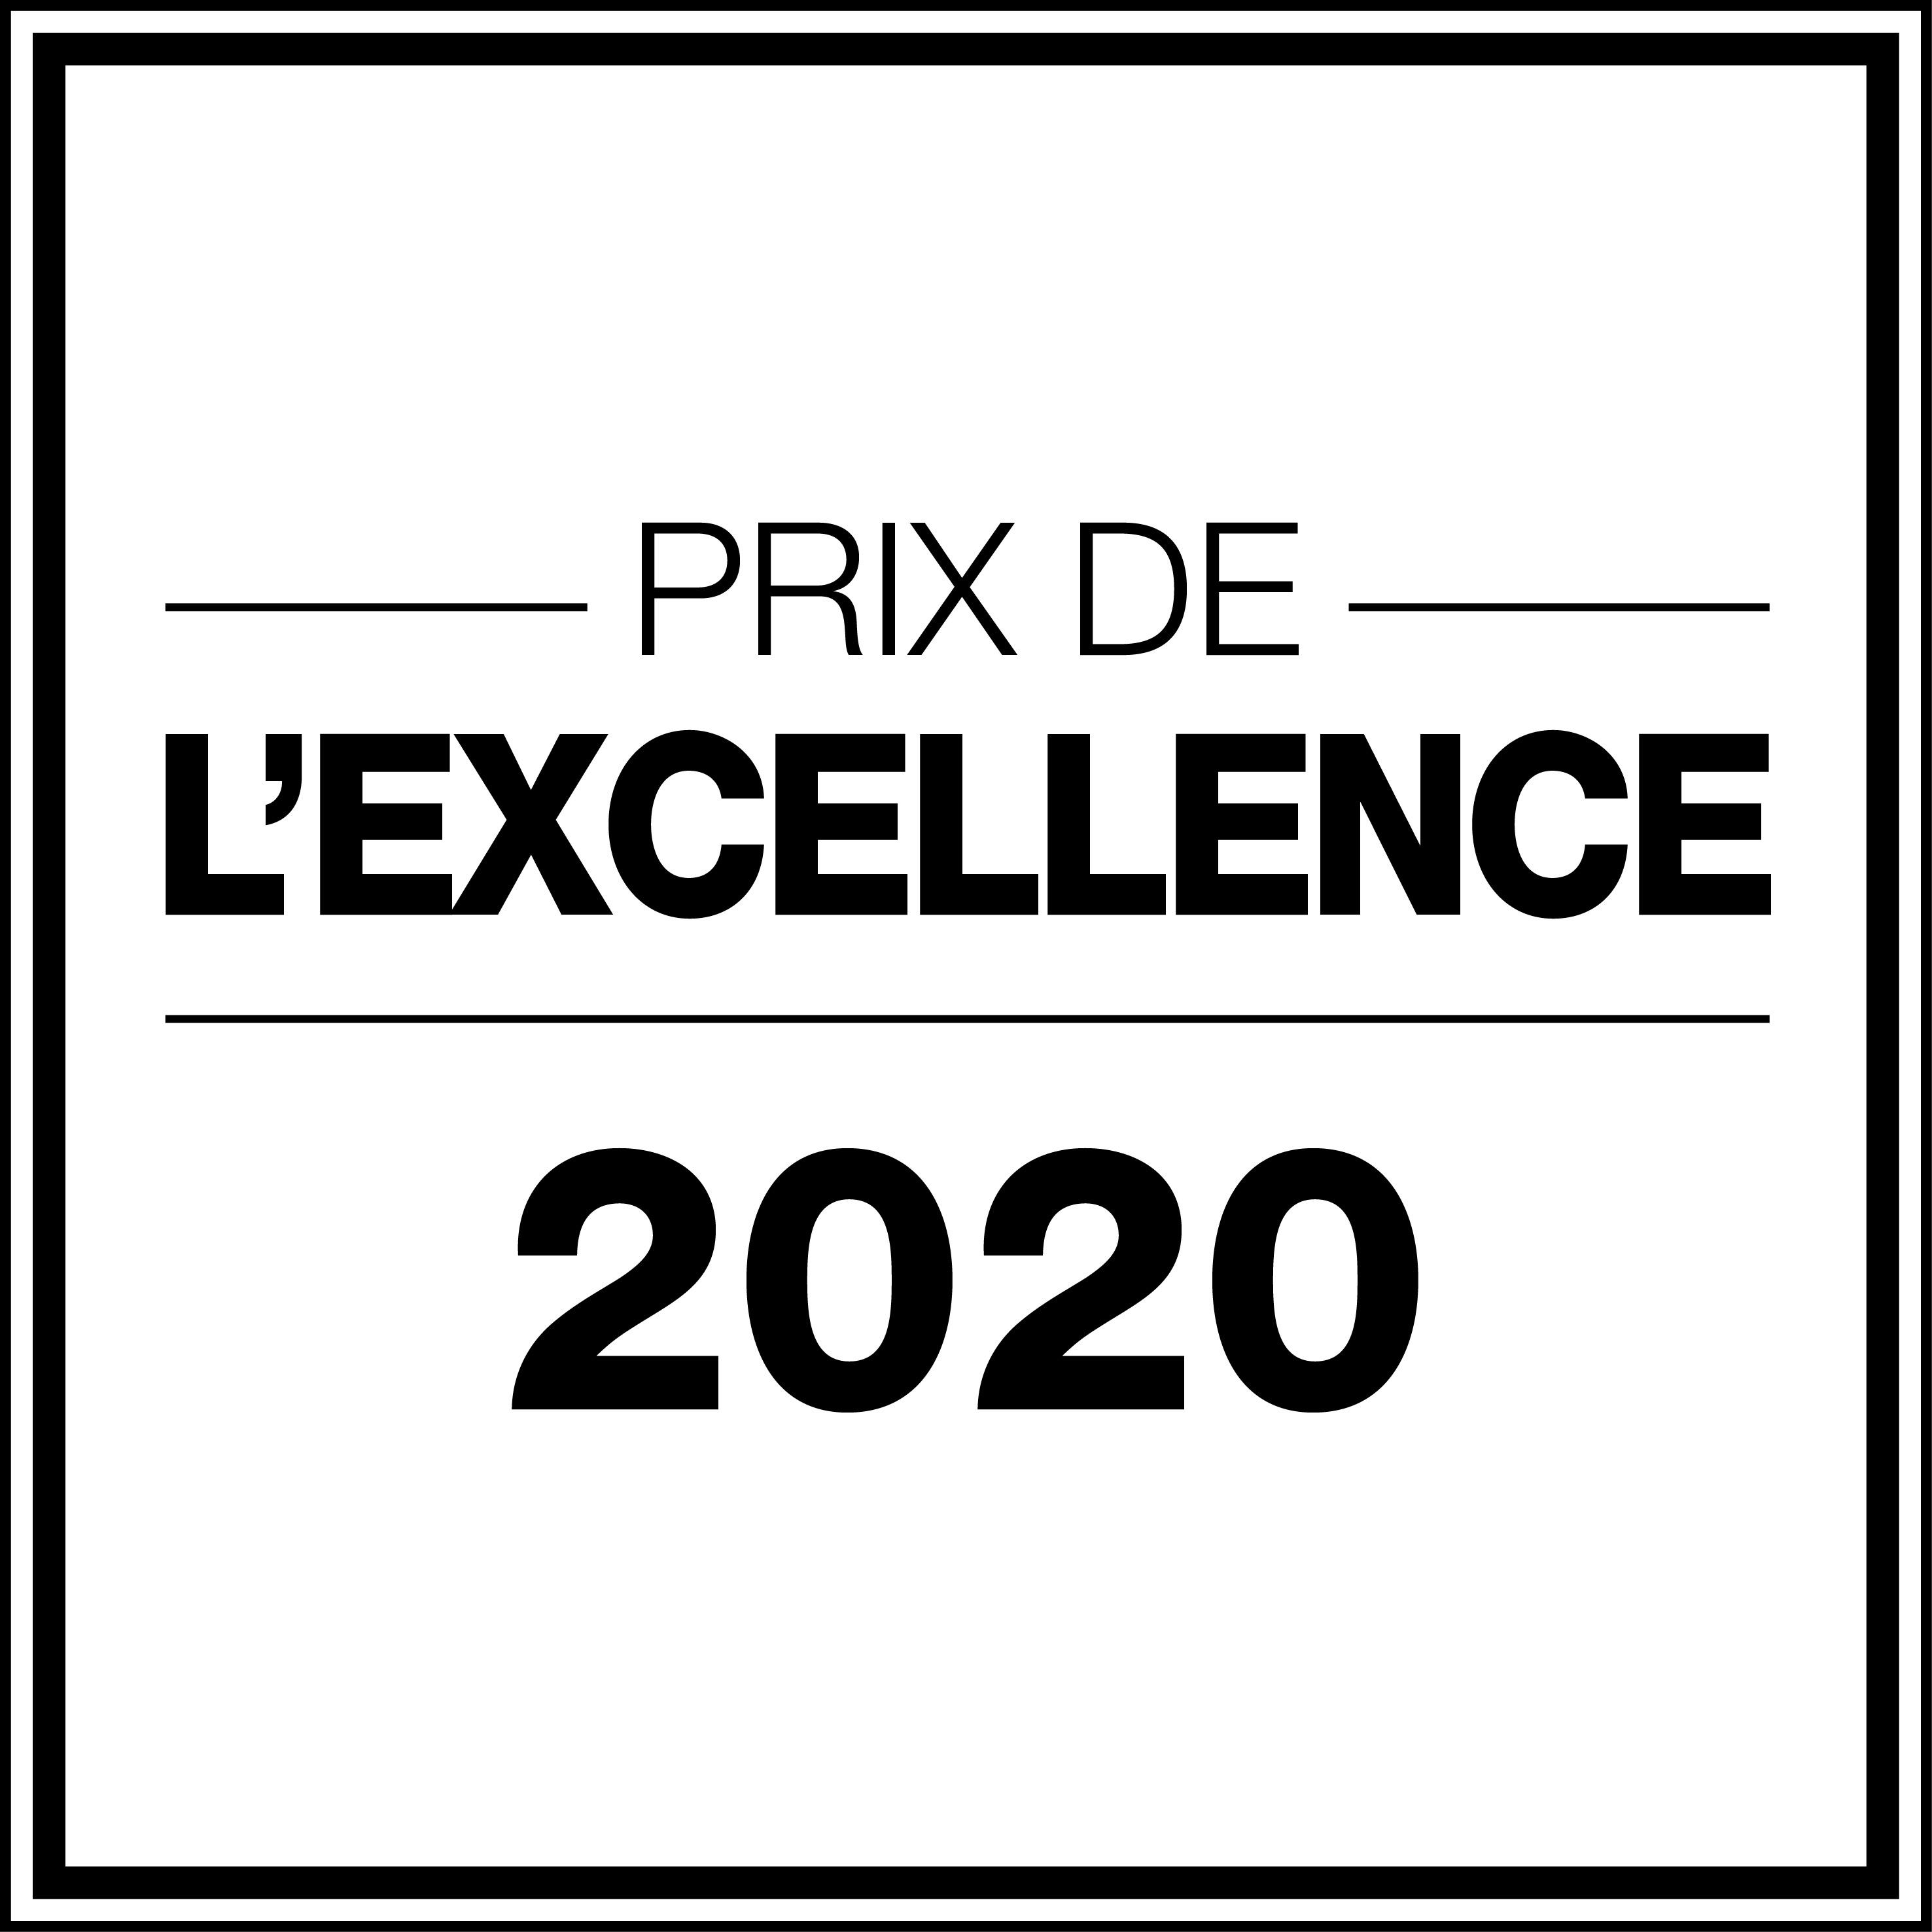 PRIX Club EXCELLENCE DESSANGE SANARY 2020